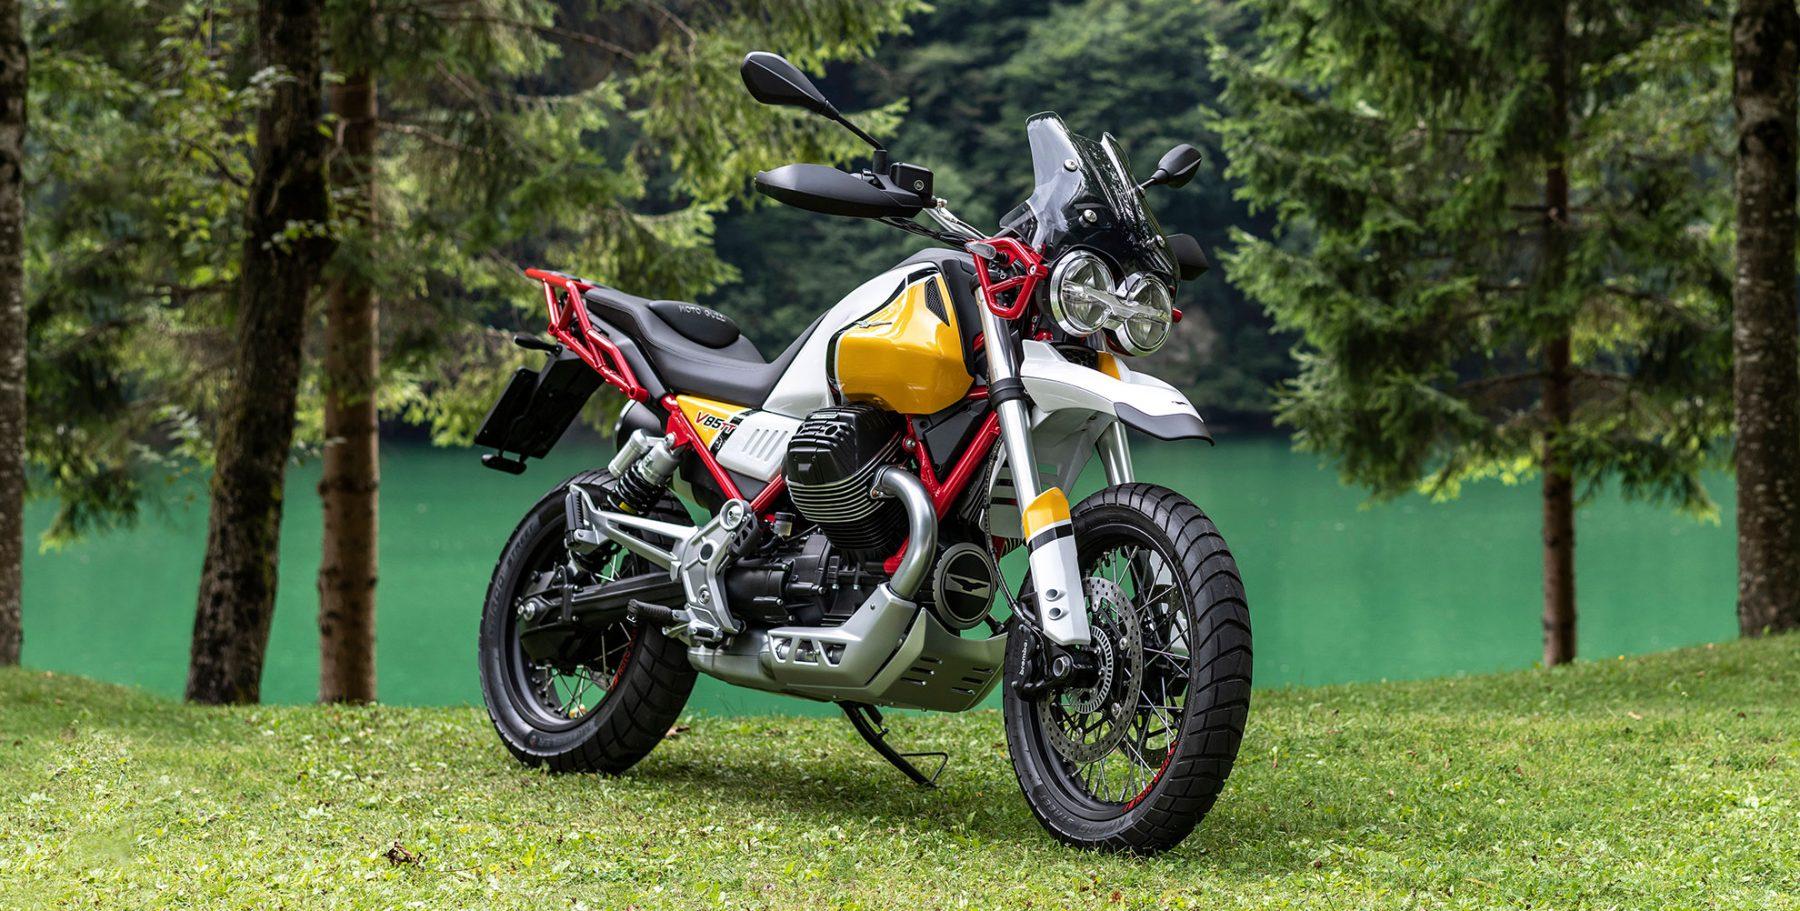 Moto Guzzi V85 TT завърши трансформацията и идва с много стил и приключенско табло